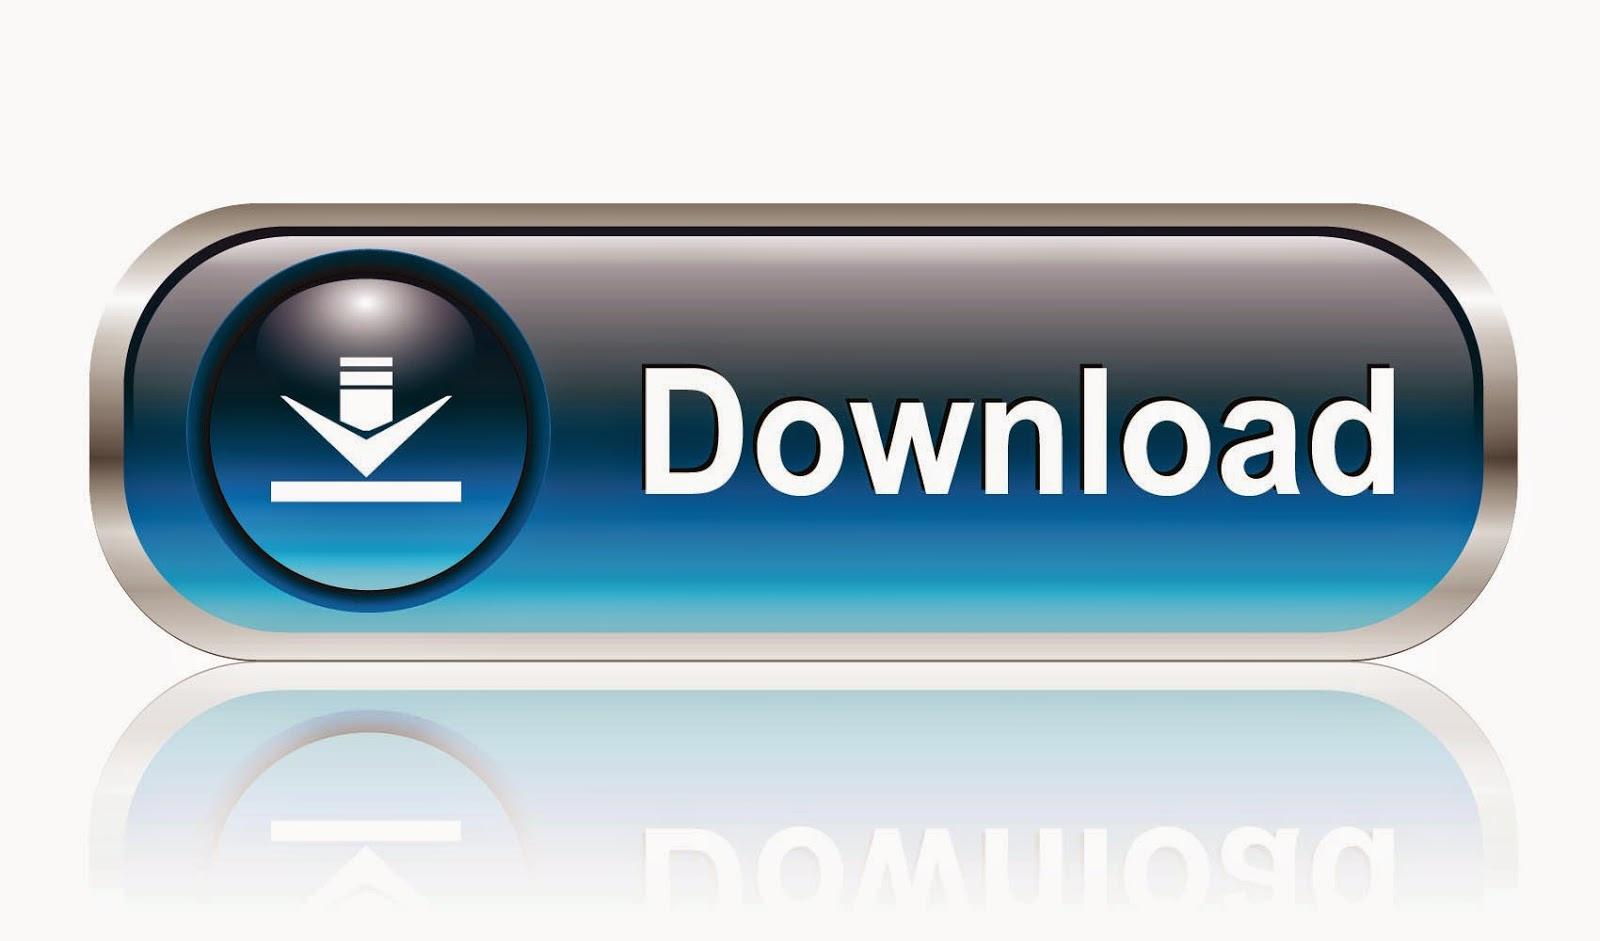 """<img src=""""http://2.bp.blogspot.com/-eY2gueZMdk8/U2fGZcpaPNI/AAAAAAAACjc/KlT83PpsGXE/s1600/Google-Drive-Client.jpg"""" alt=""""Google Drive Client Apk Free Download"""" />"""